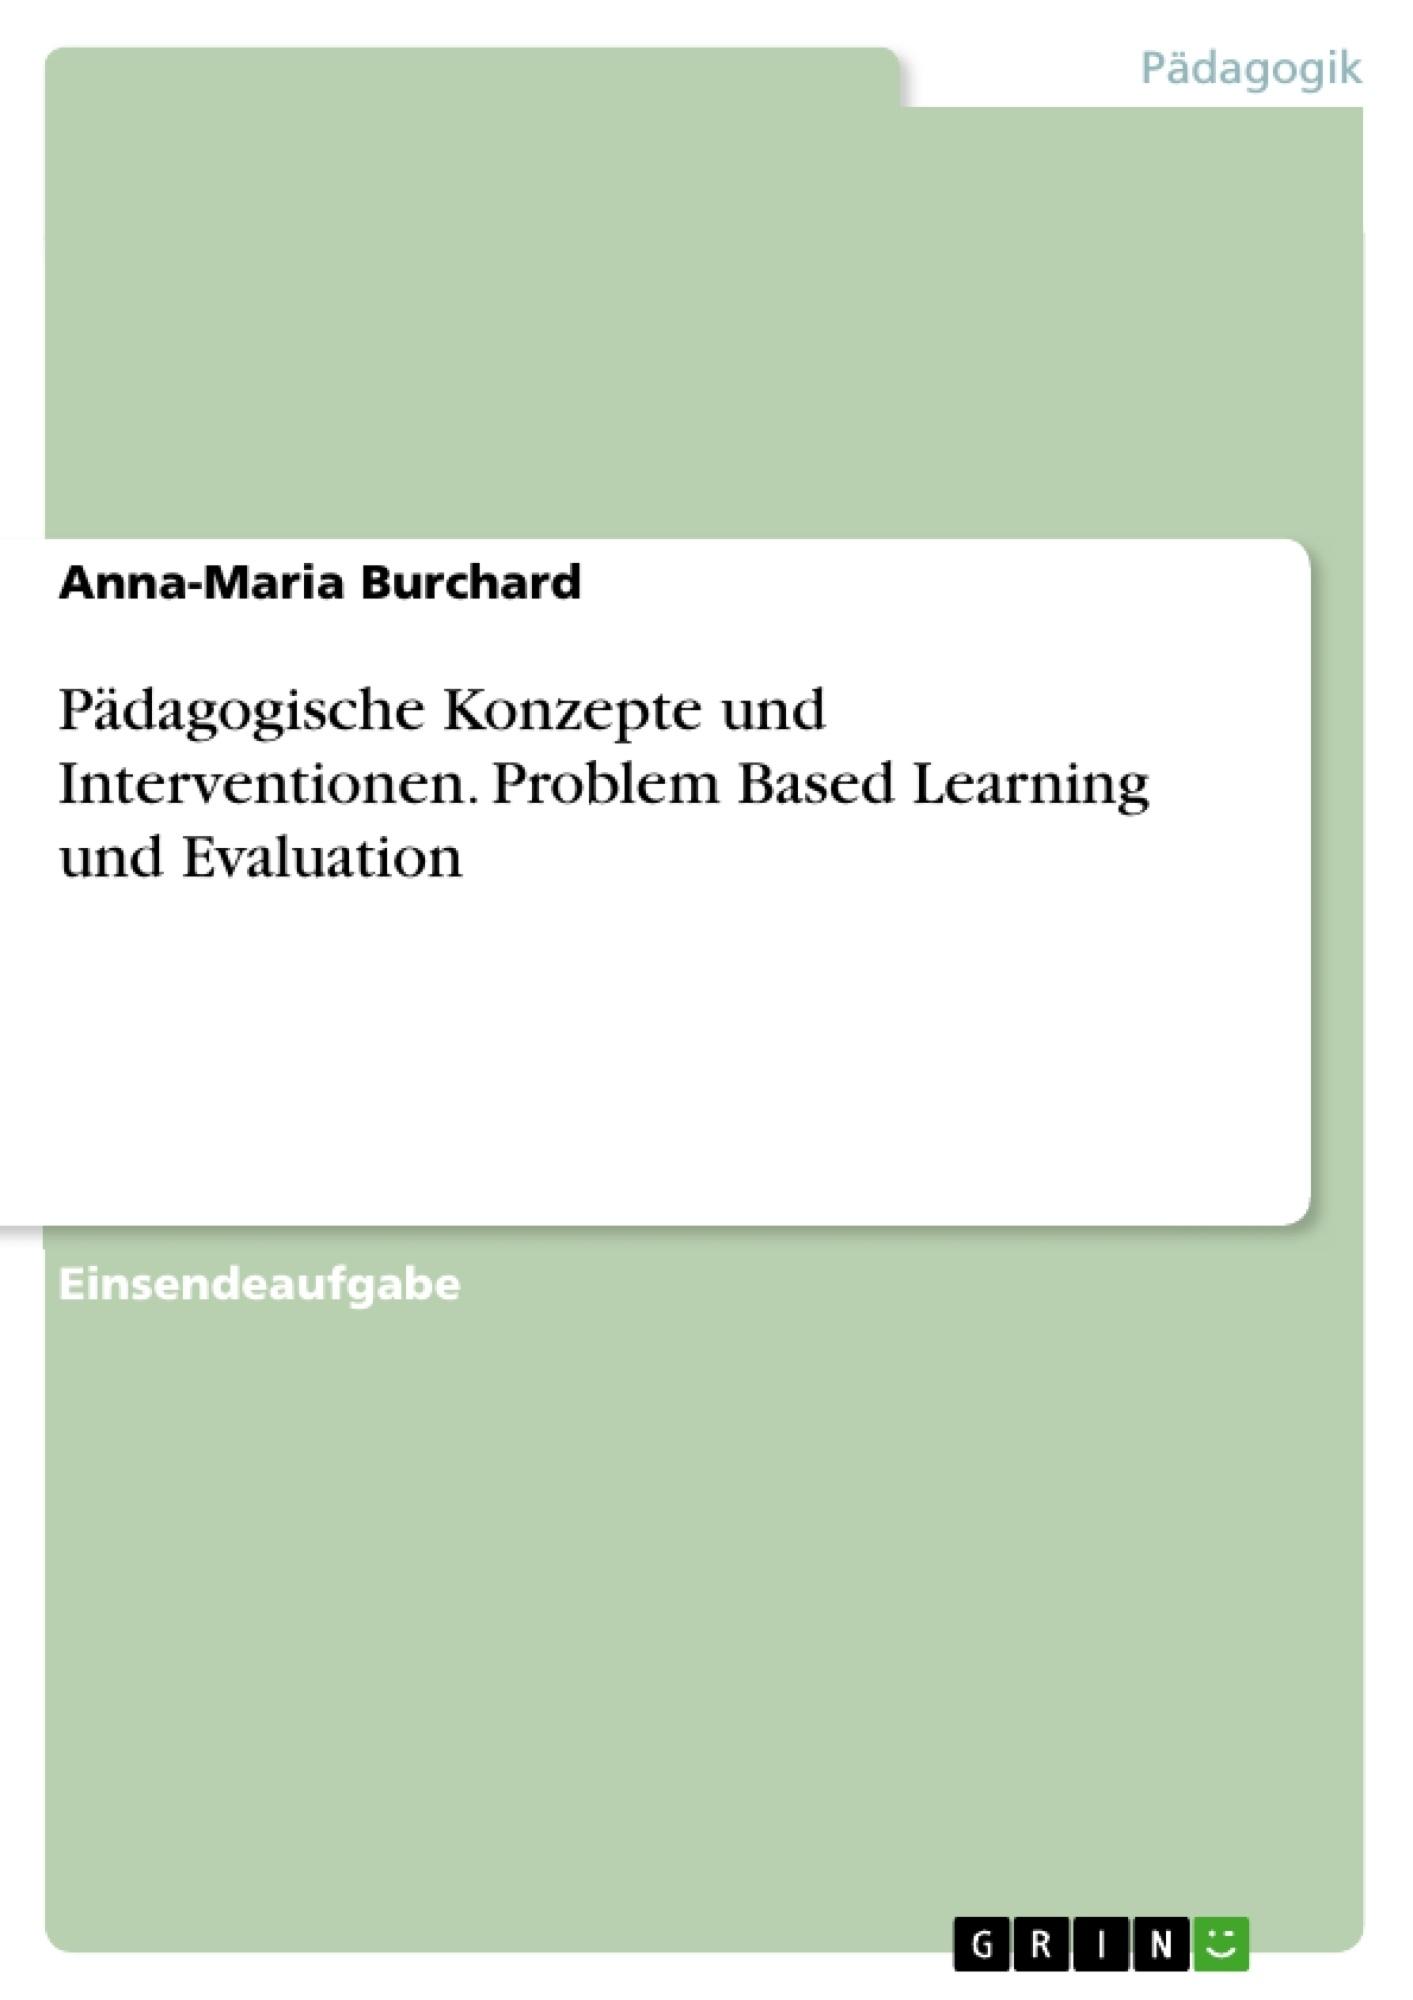 Titel: Pädagogische Konzepte und Interventionen. Problem Based Learning und Evaluation